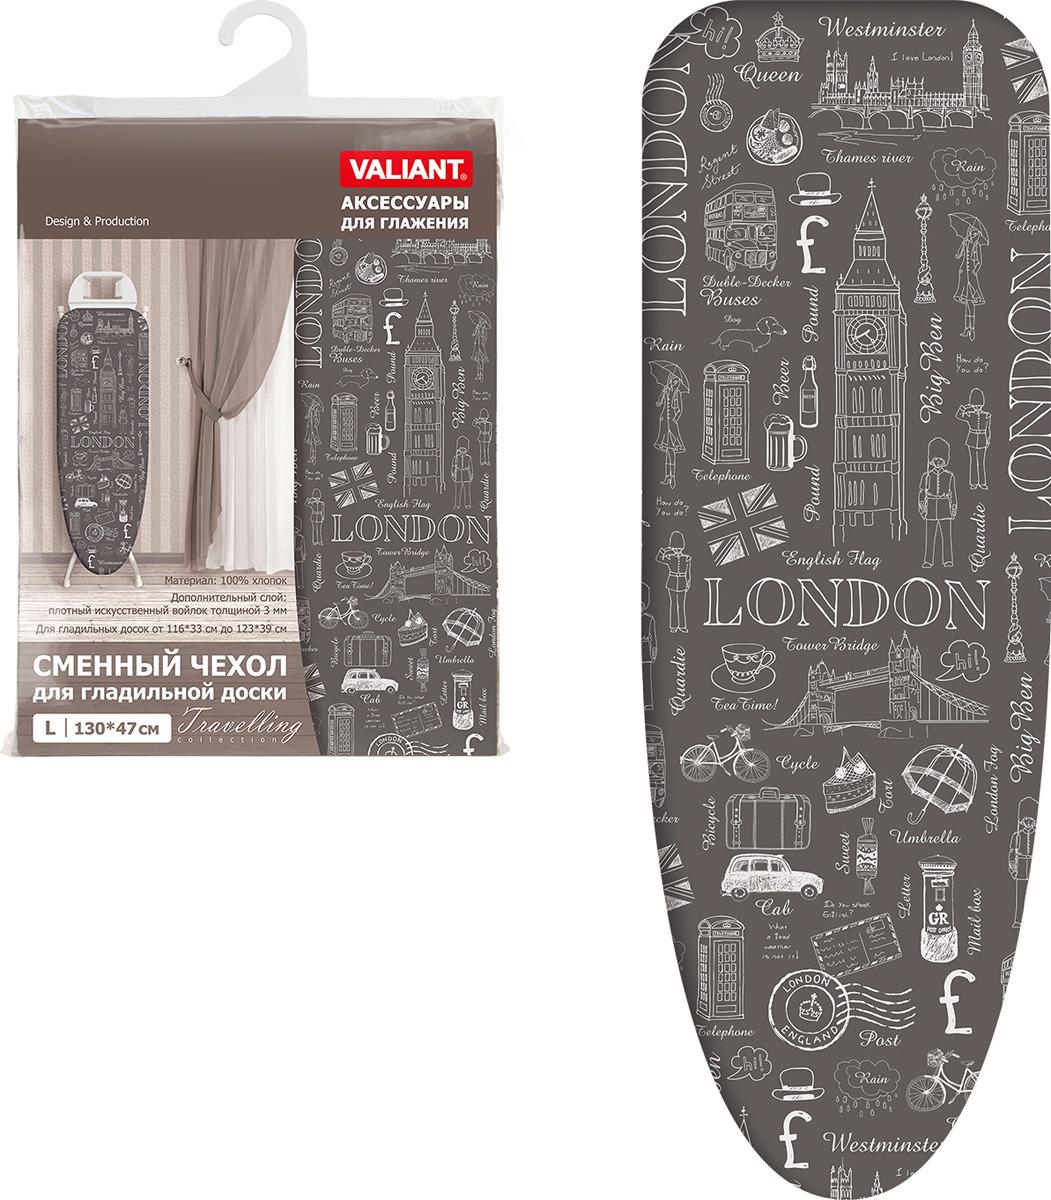 Чехол для гладильной доски Valiant Travelling London, цвет: серый, 130 х 47 см чехол для гладильной доски eva узоры цвет розовый белый 120 х 38 см